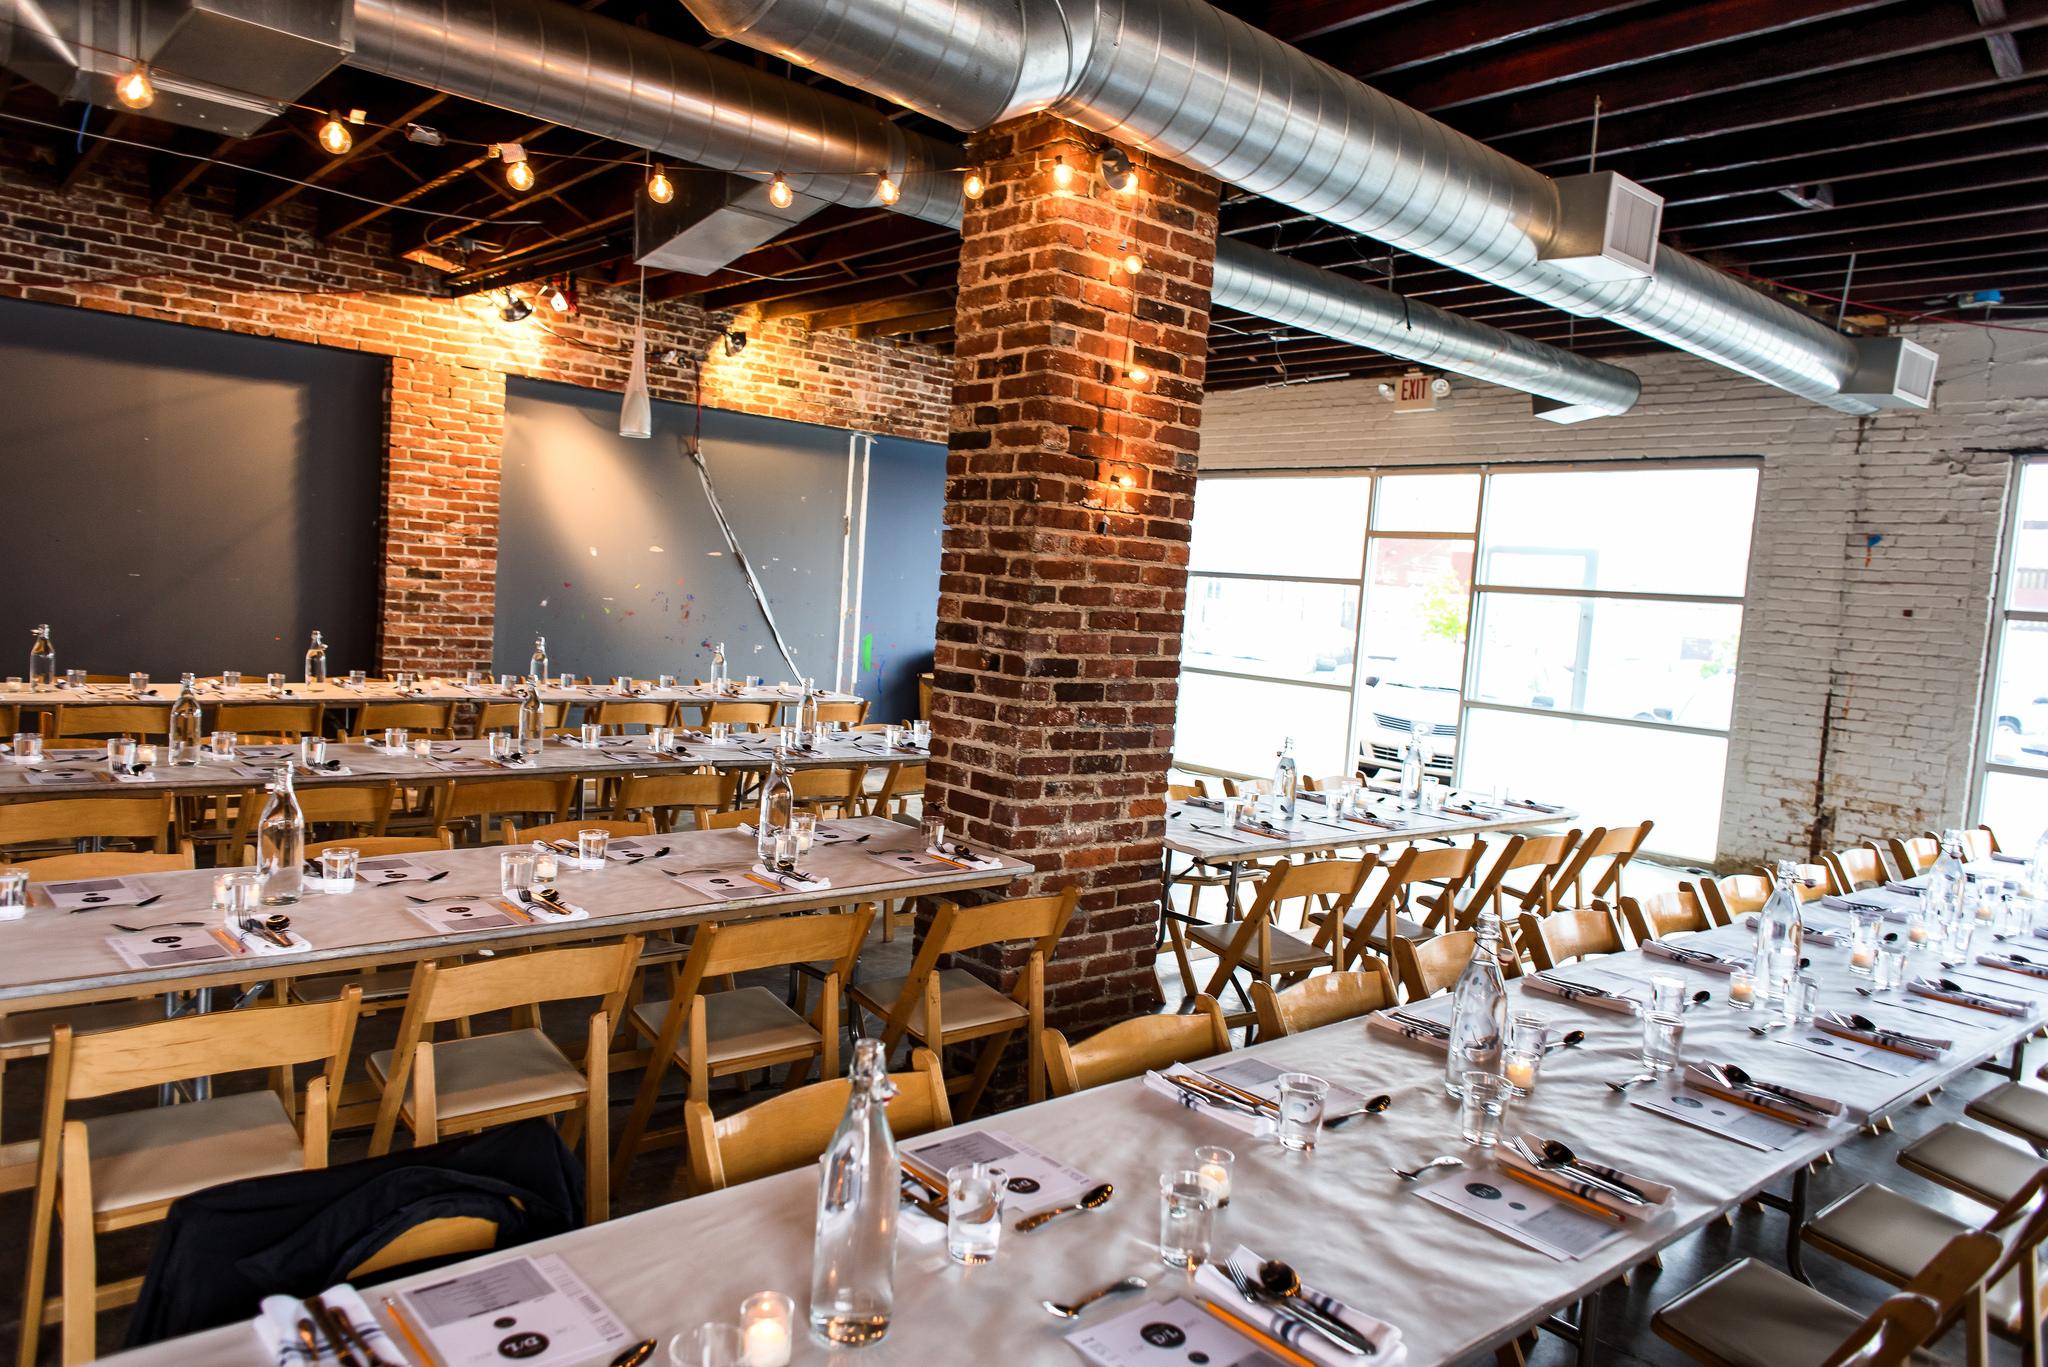 Tables at Russ Bodner's Dinner Lab